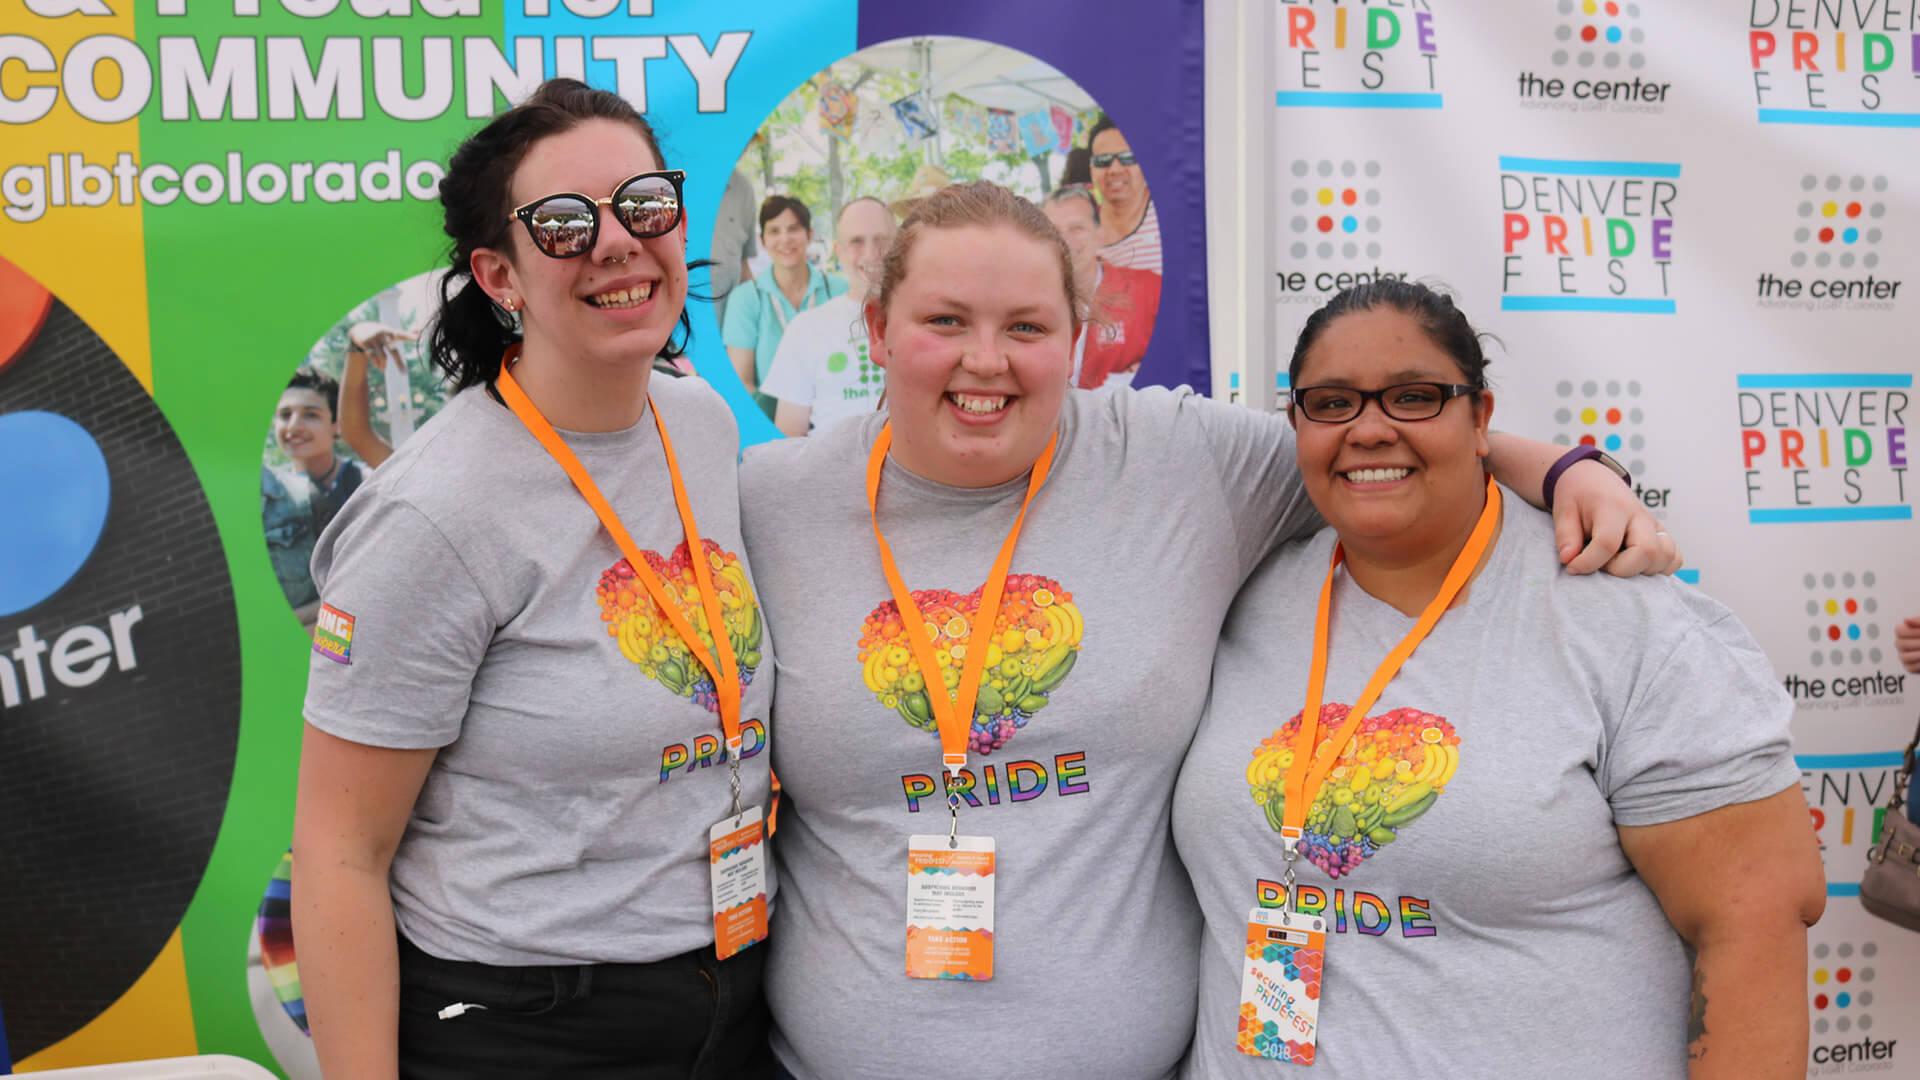 Volunteer Orientation for Denver Pride 2019